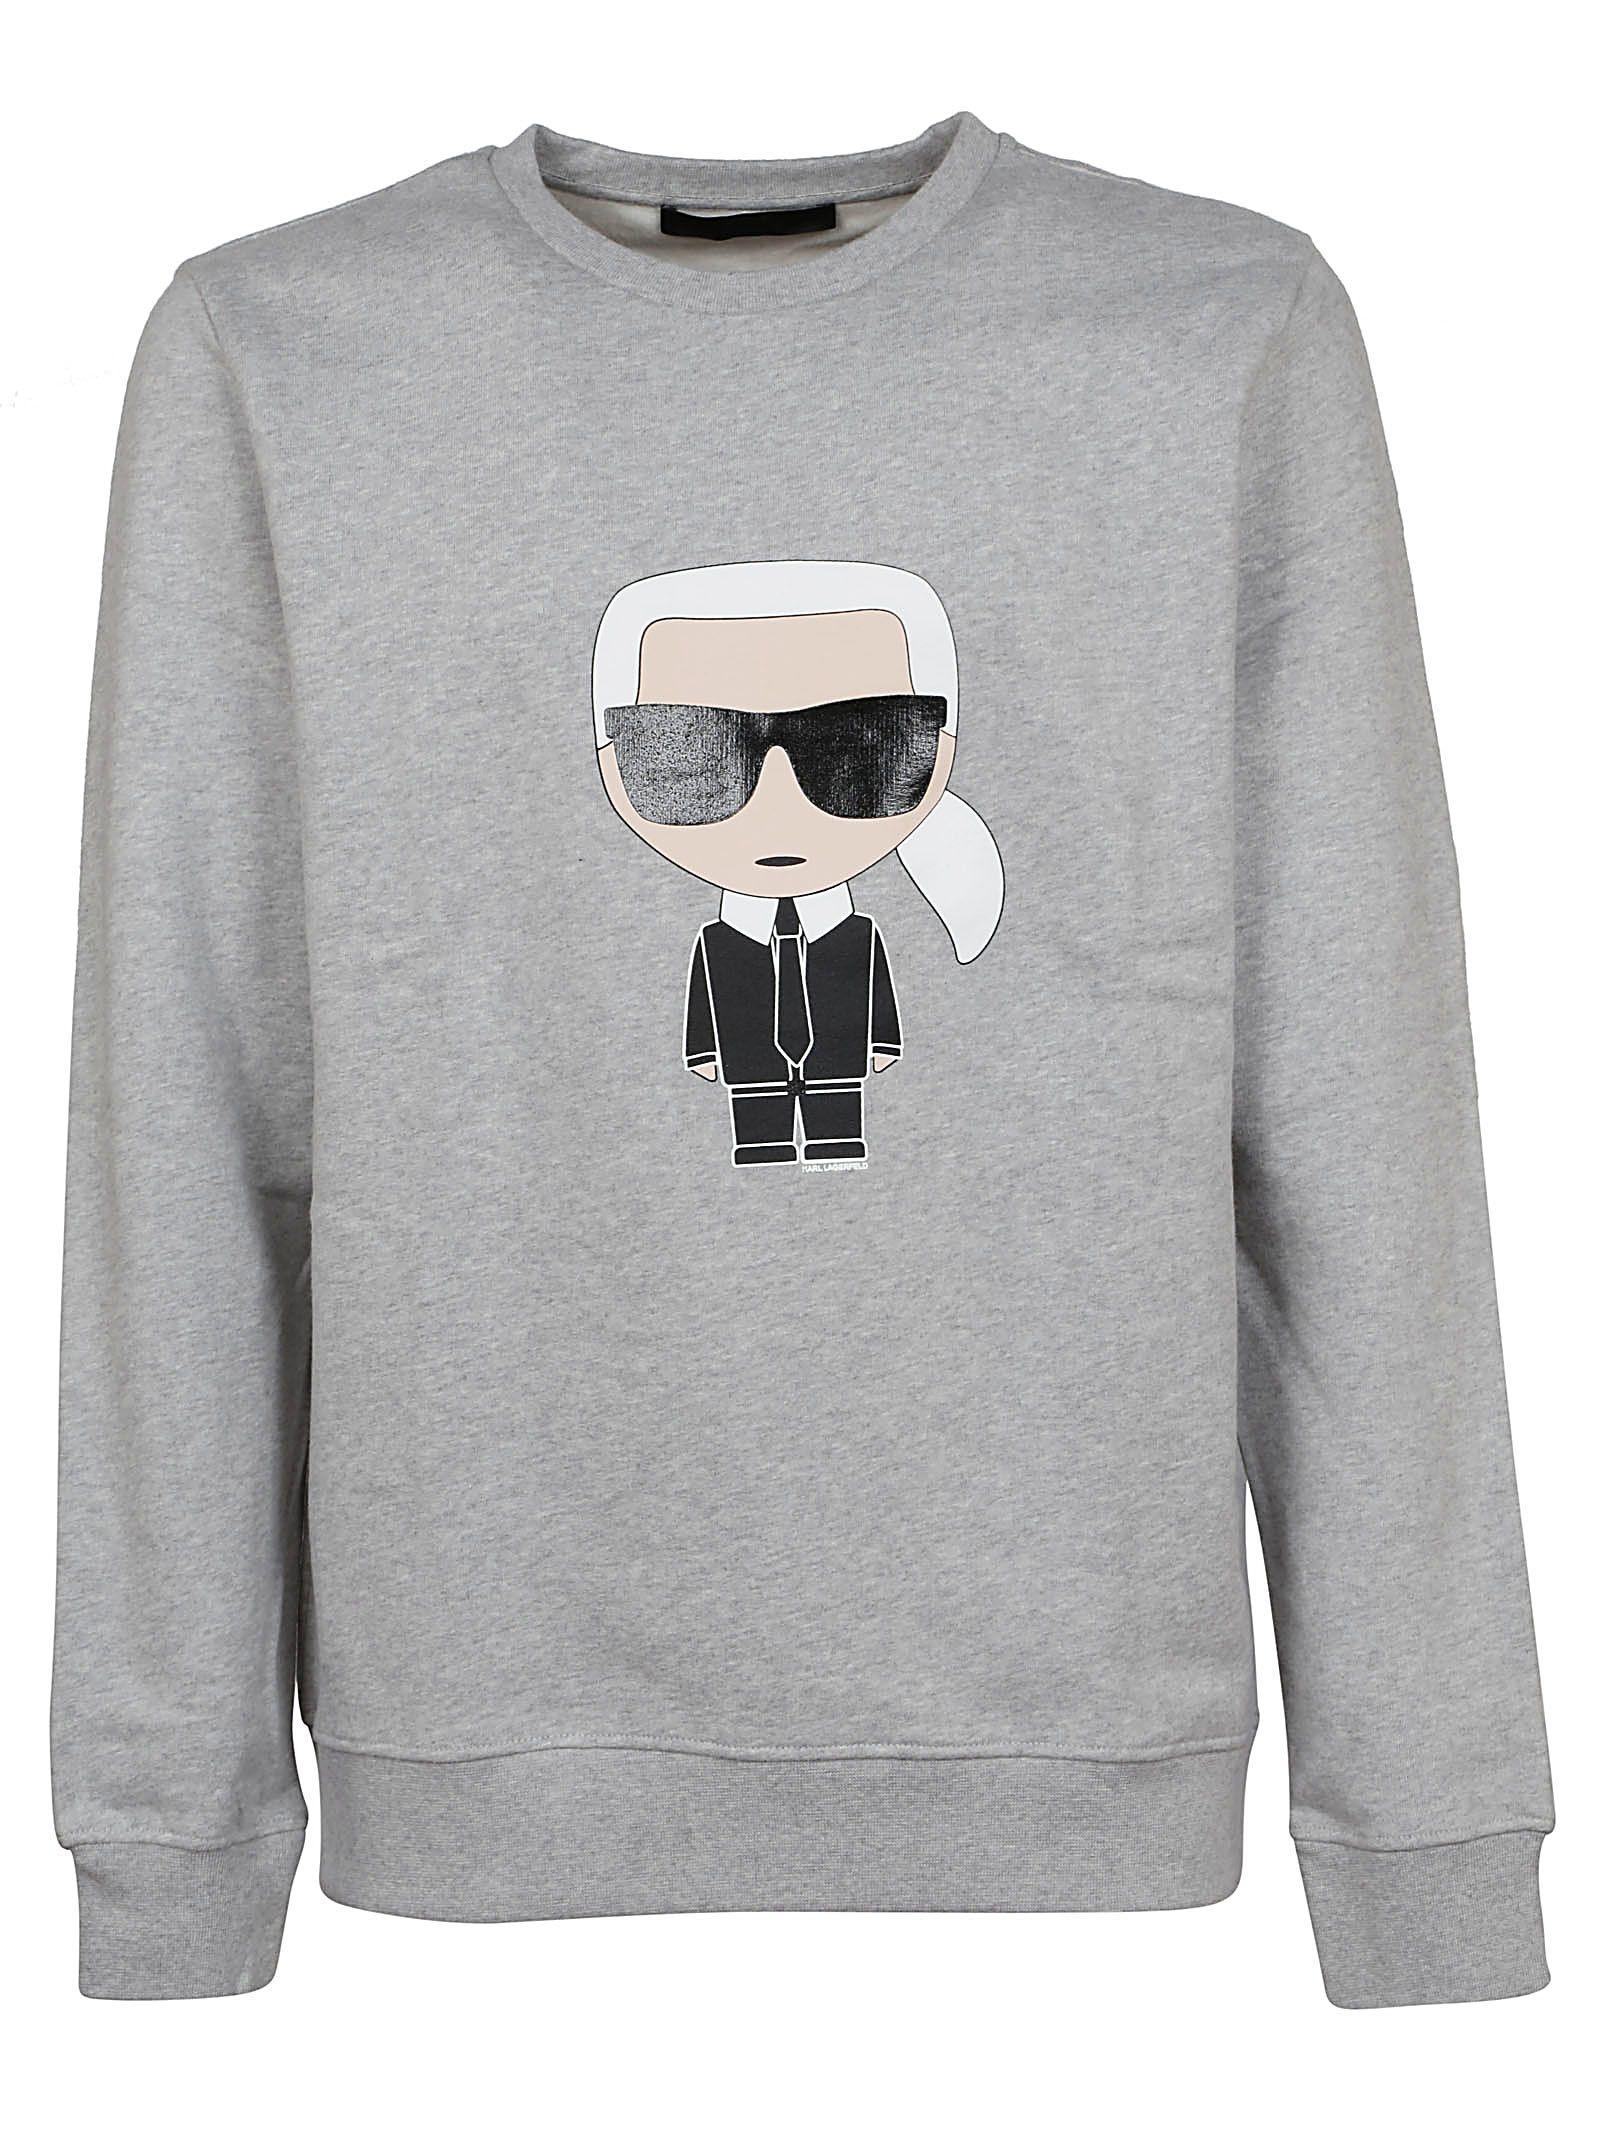 Karl Lagerfeld Printed Sweatshirt